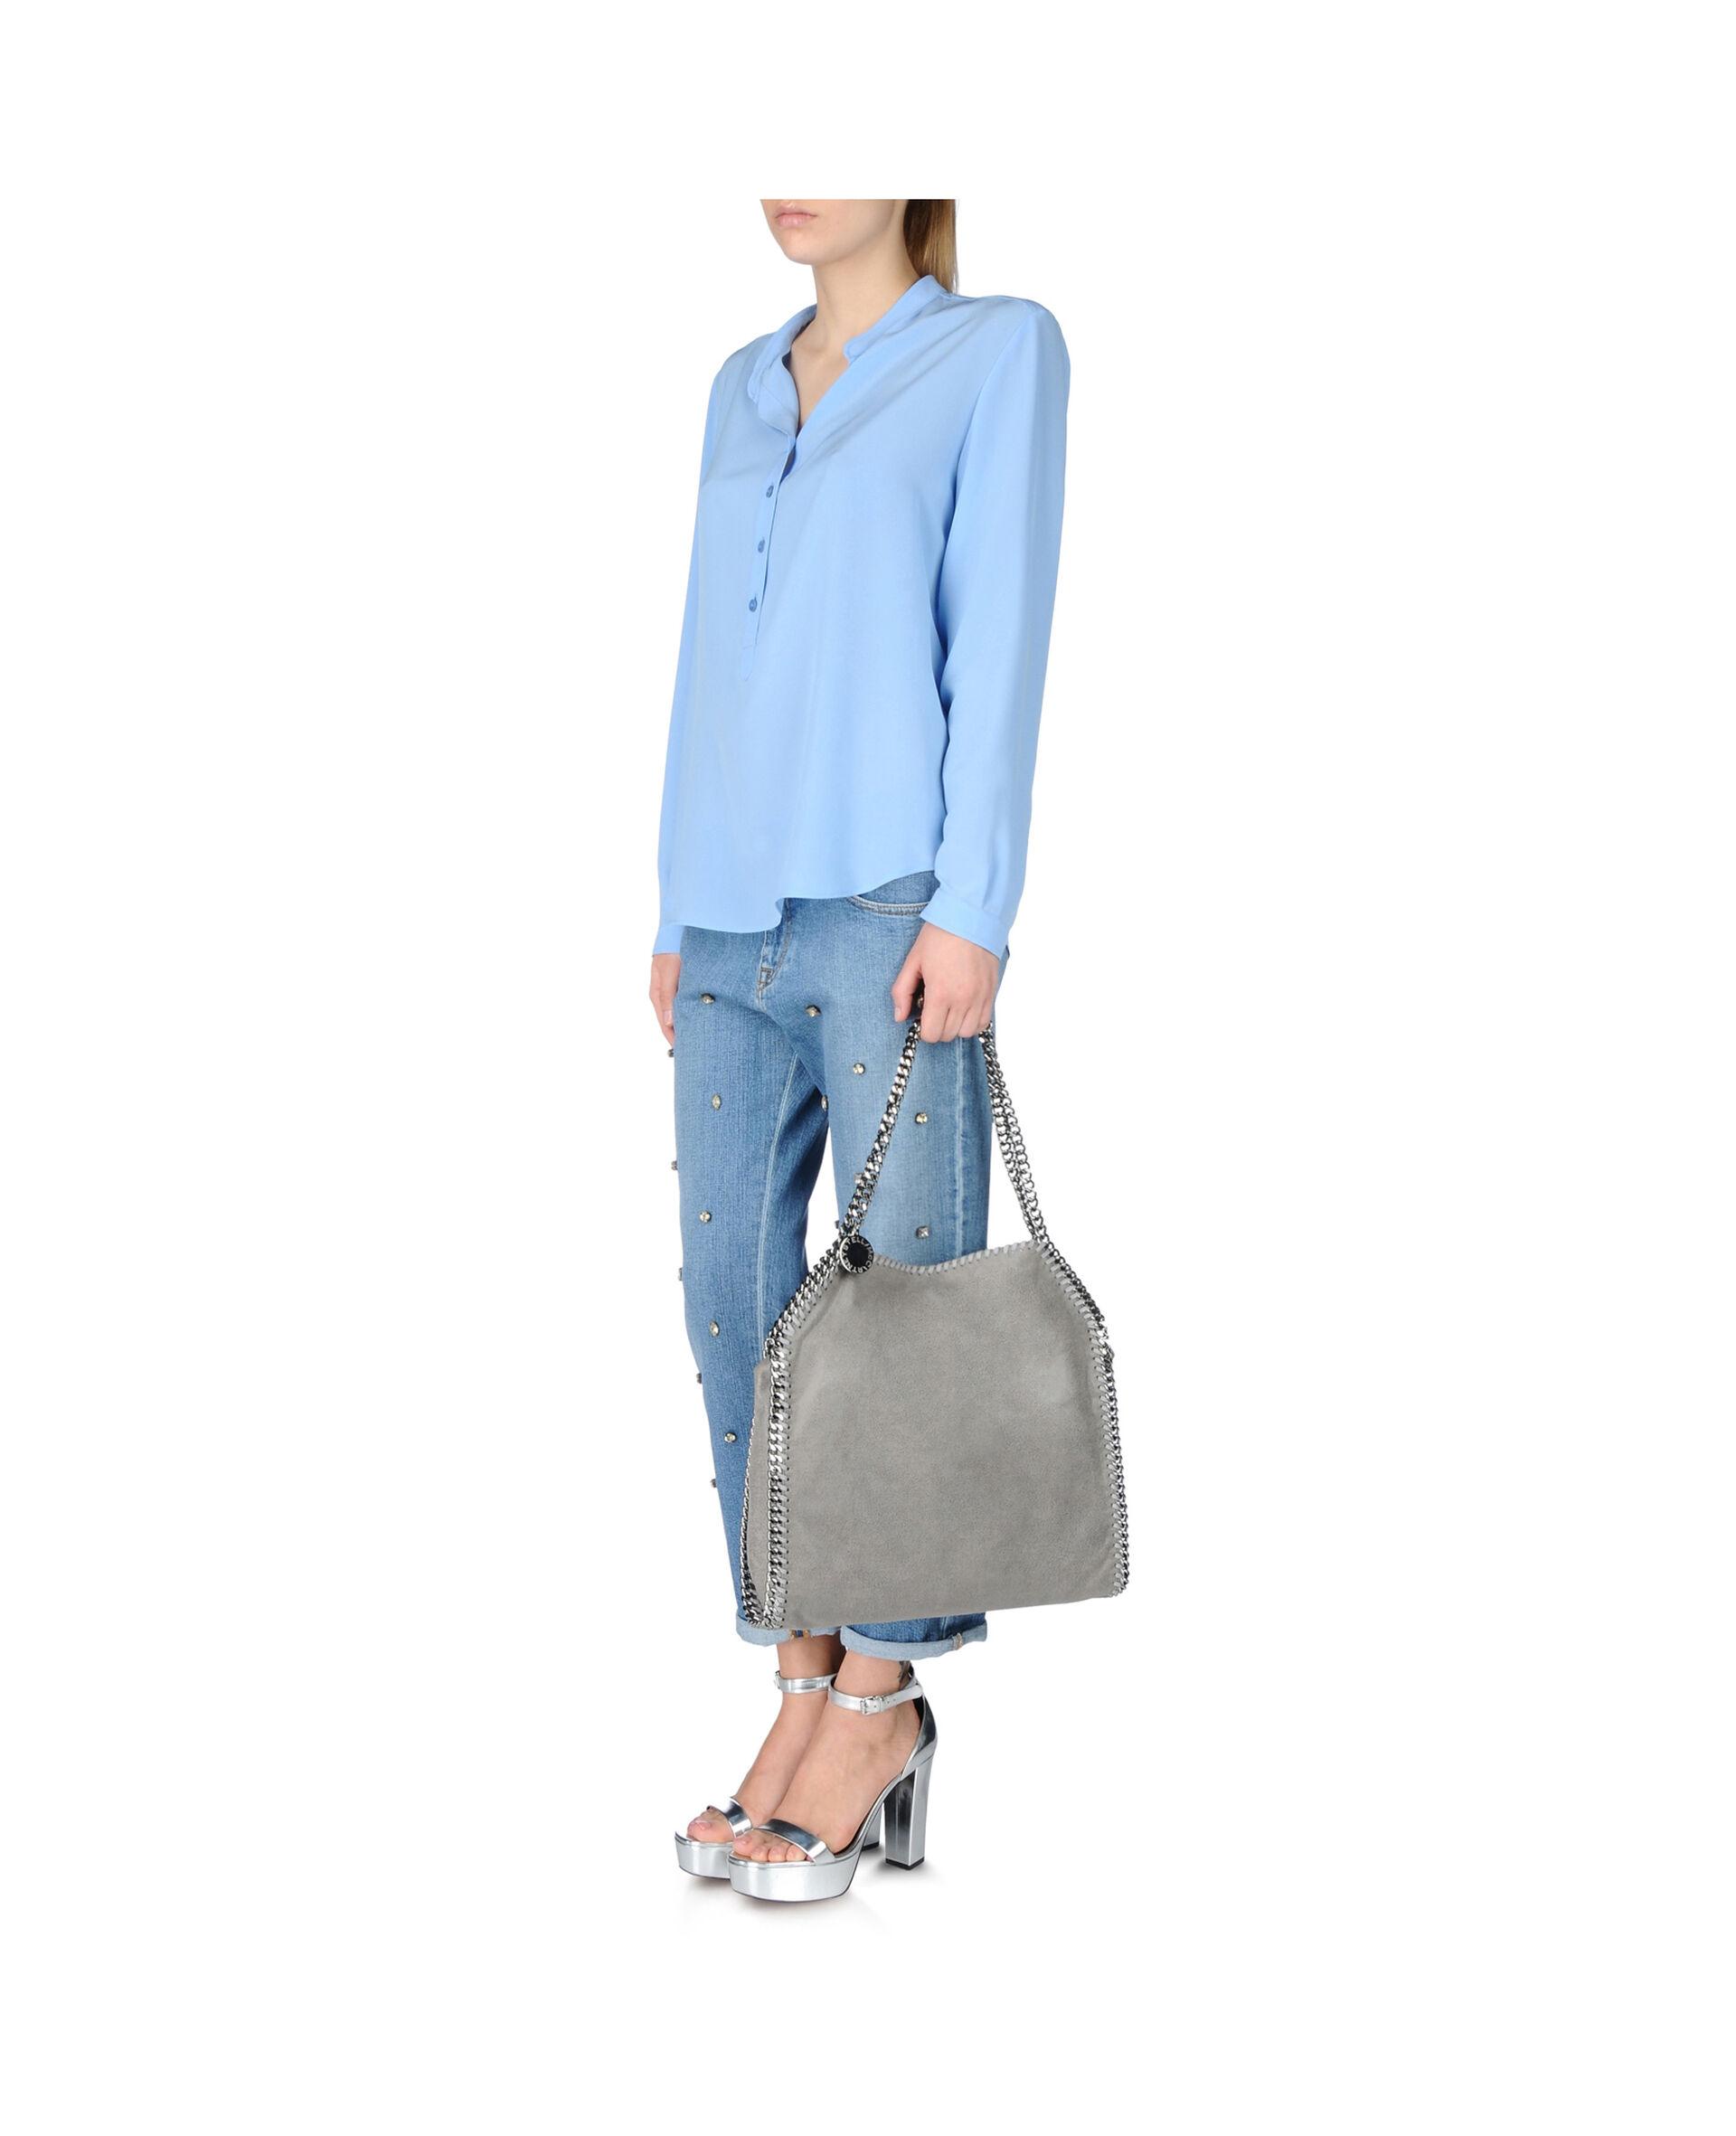 Tote Bag Falabella-Blau-large image number 3